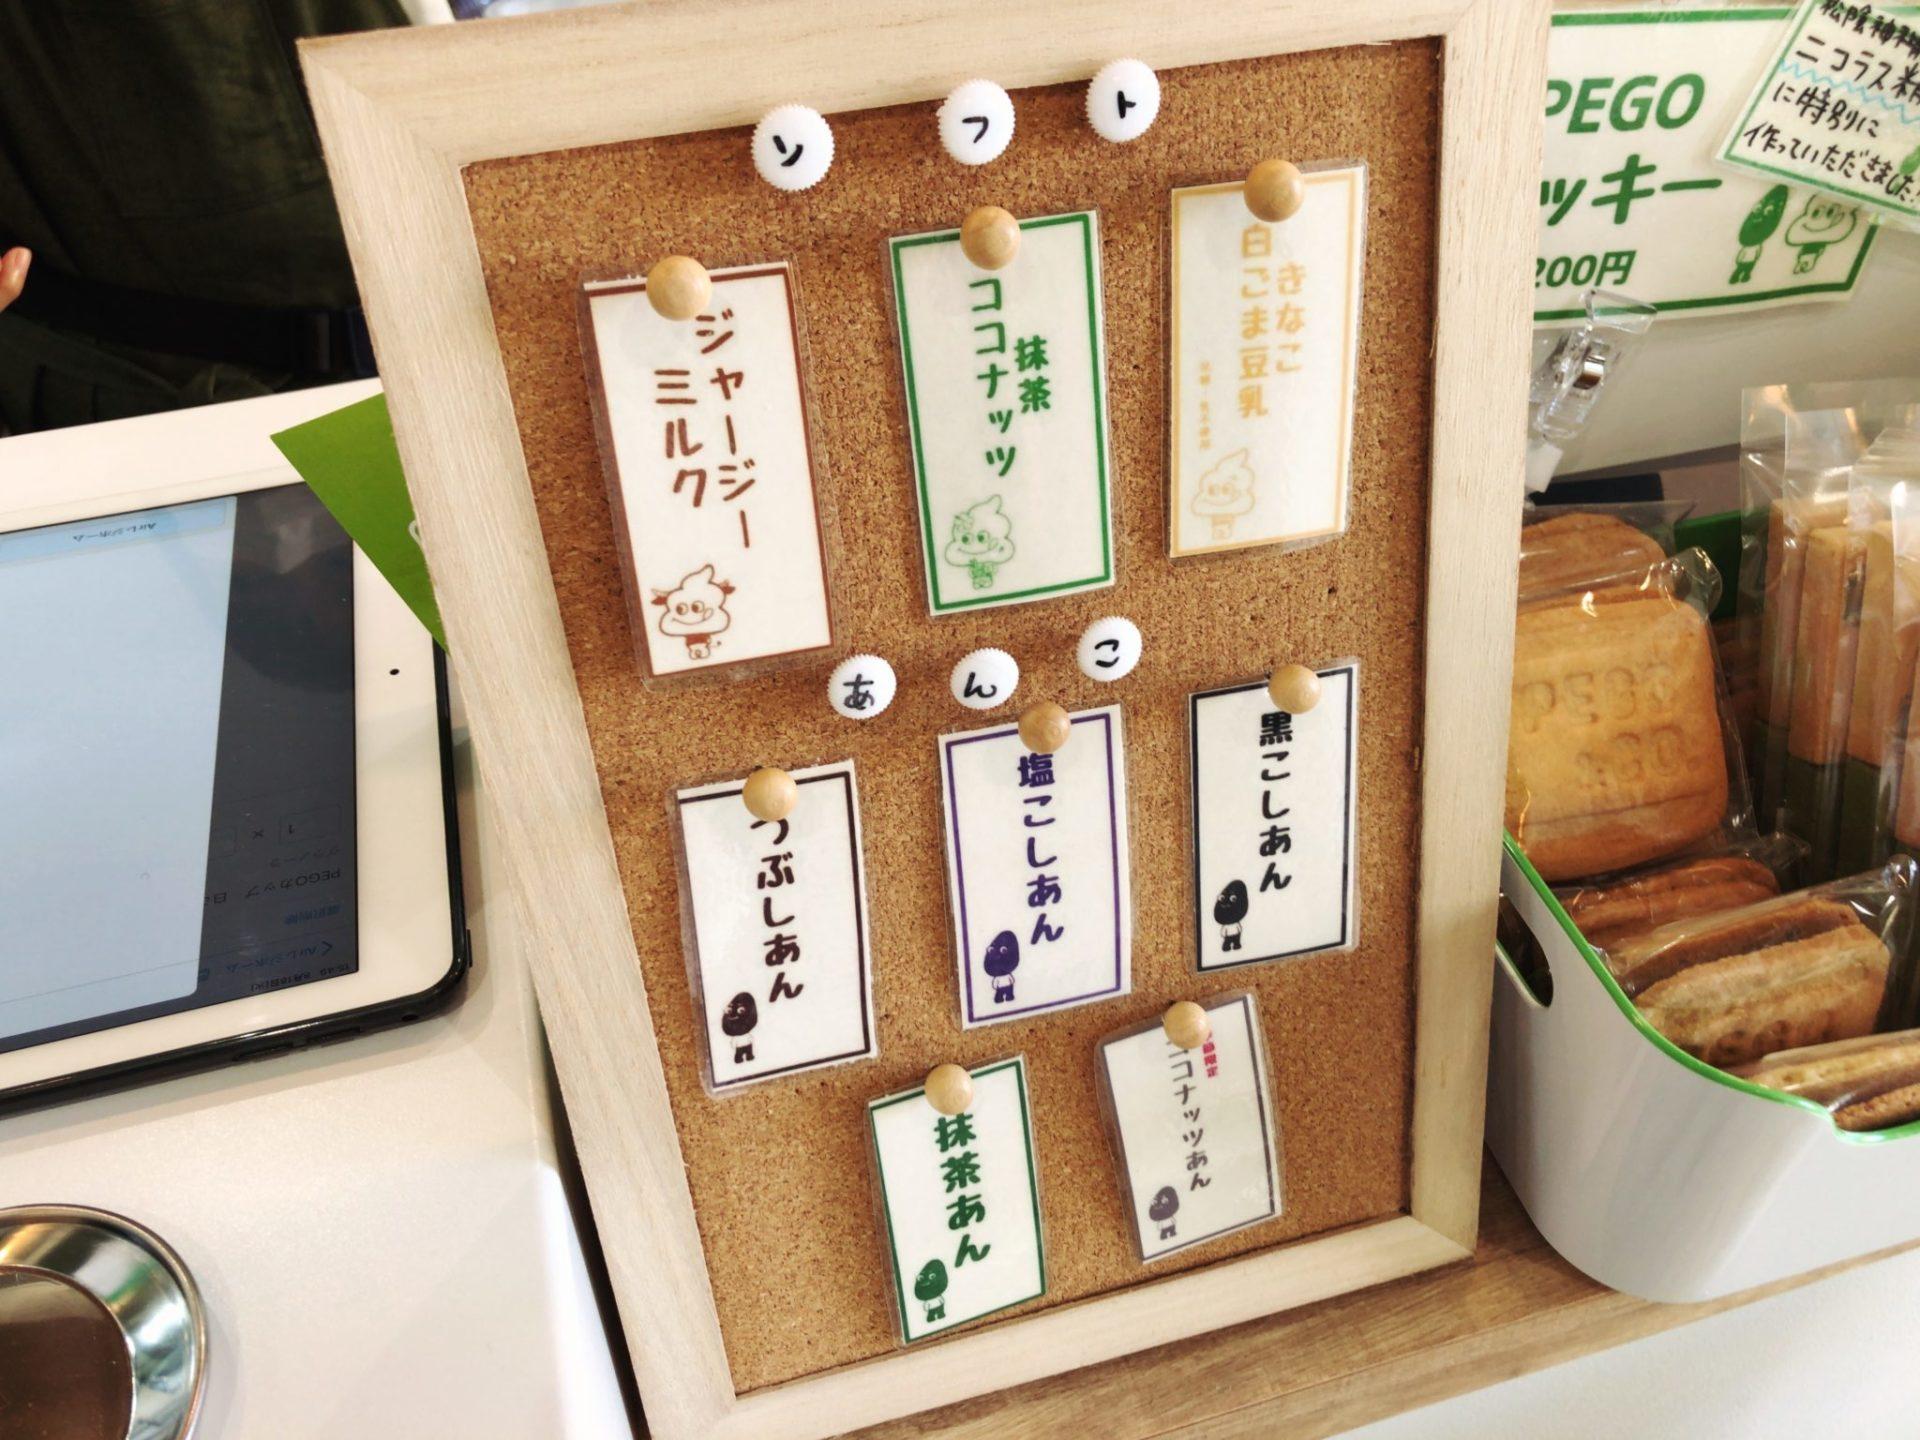 PEGO&CO.(ぺごあんこ)世田谷店のあんこ